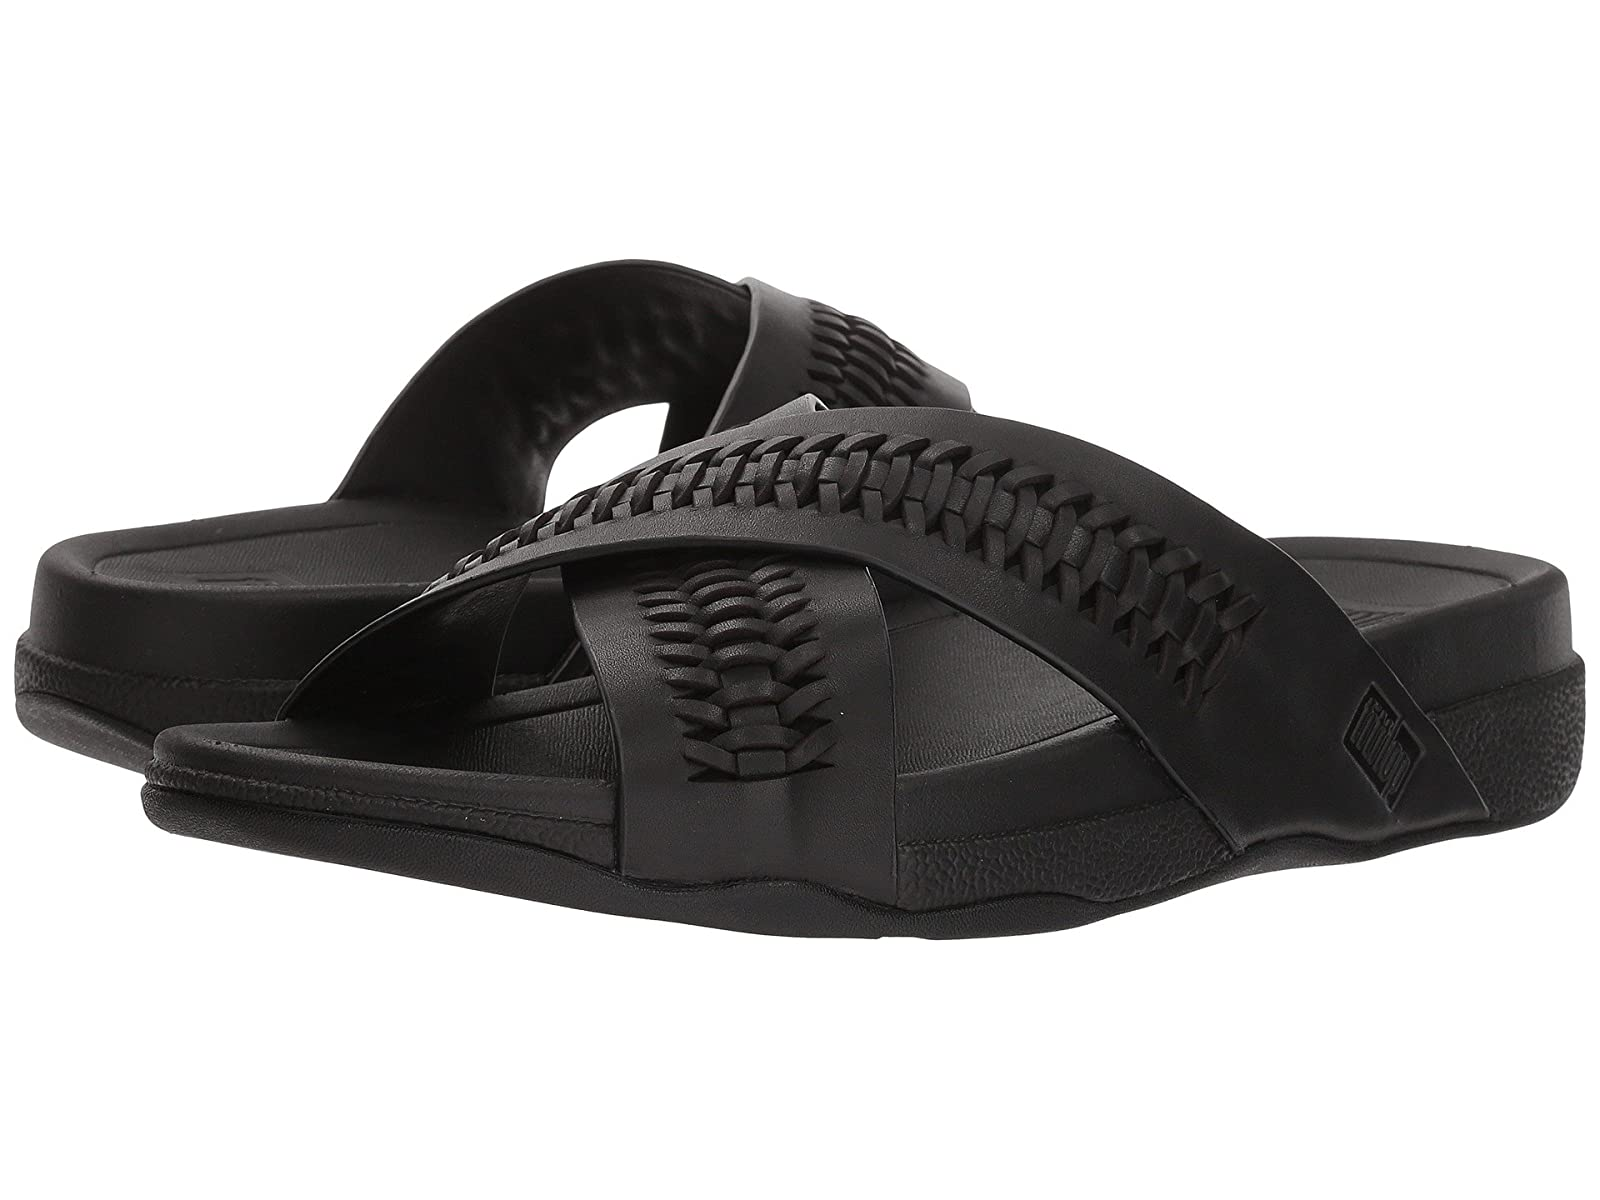 FitFlop Surfer SlideAtmospheric grades have affordable shoes